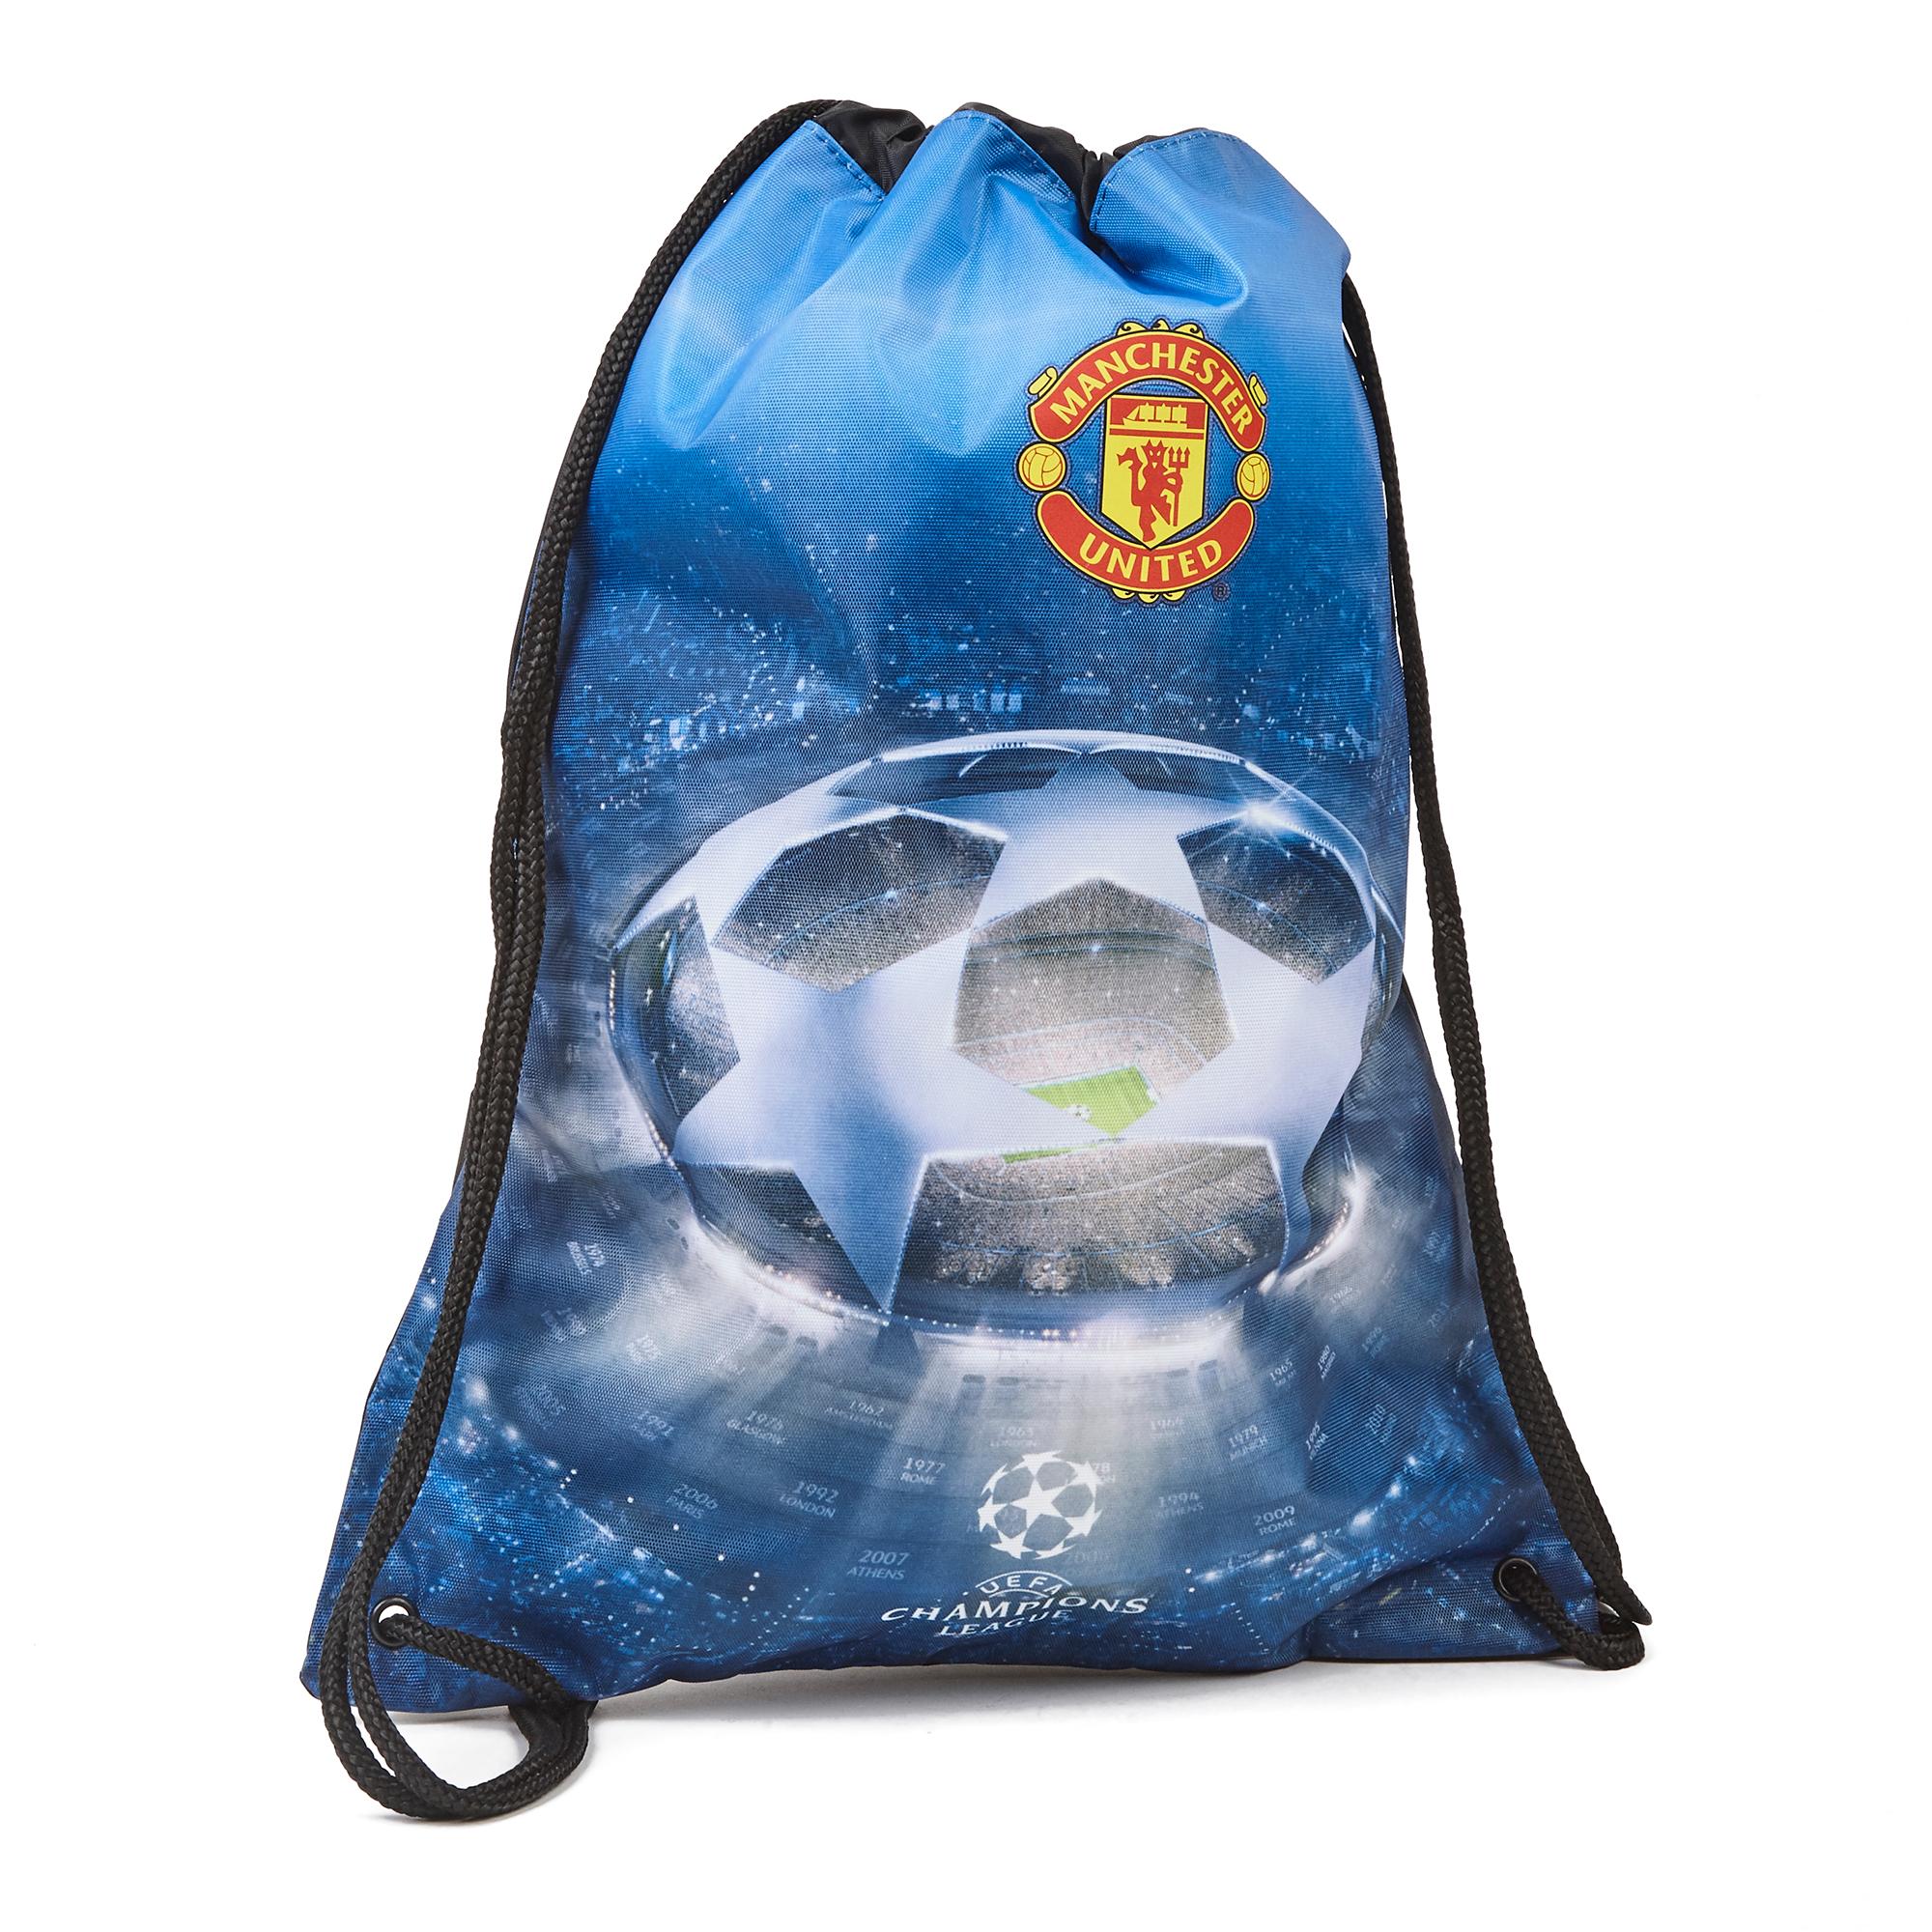 Sac de sport Manchester United UEFA Champions League